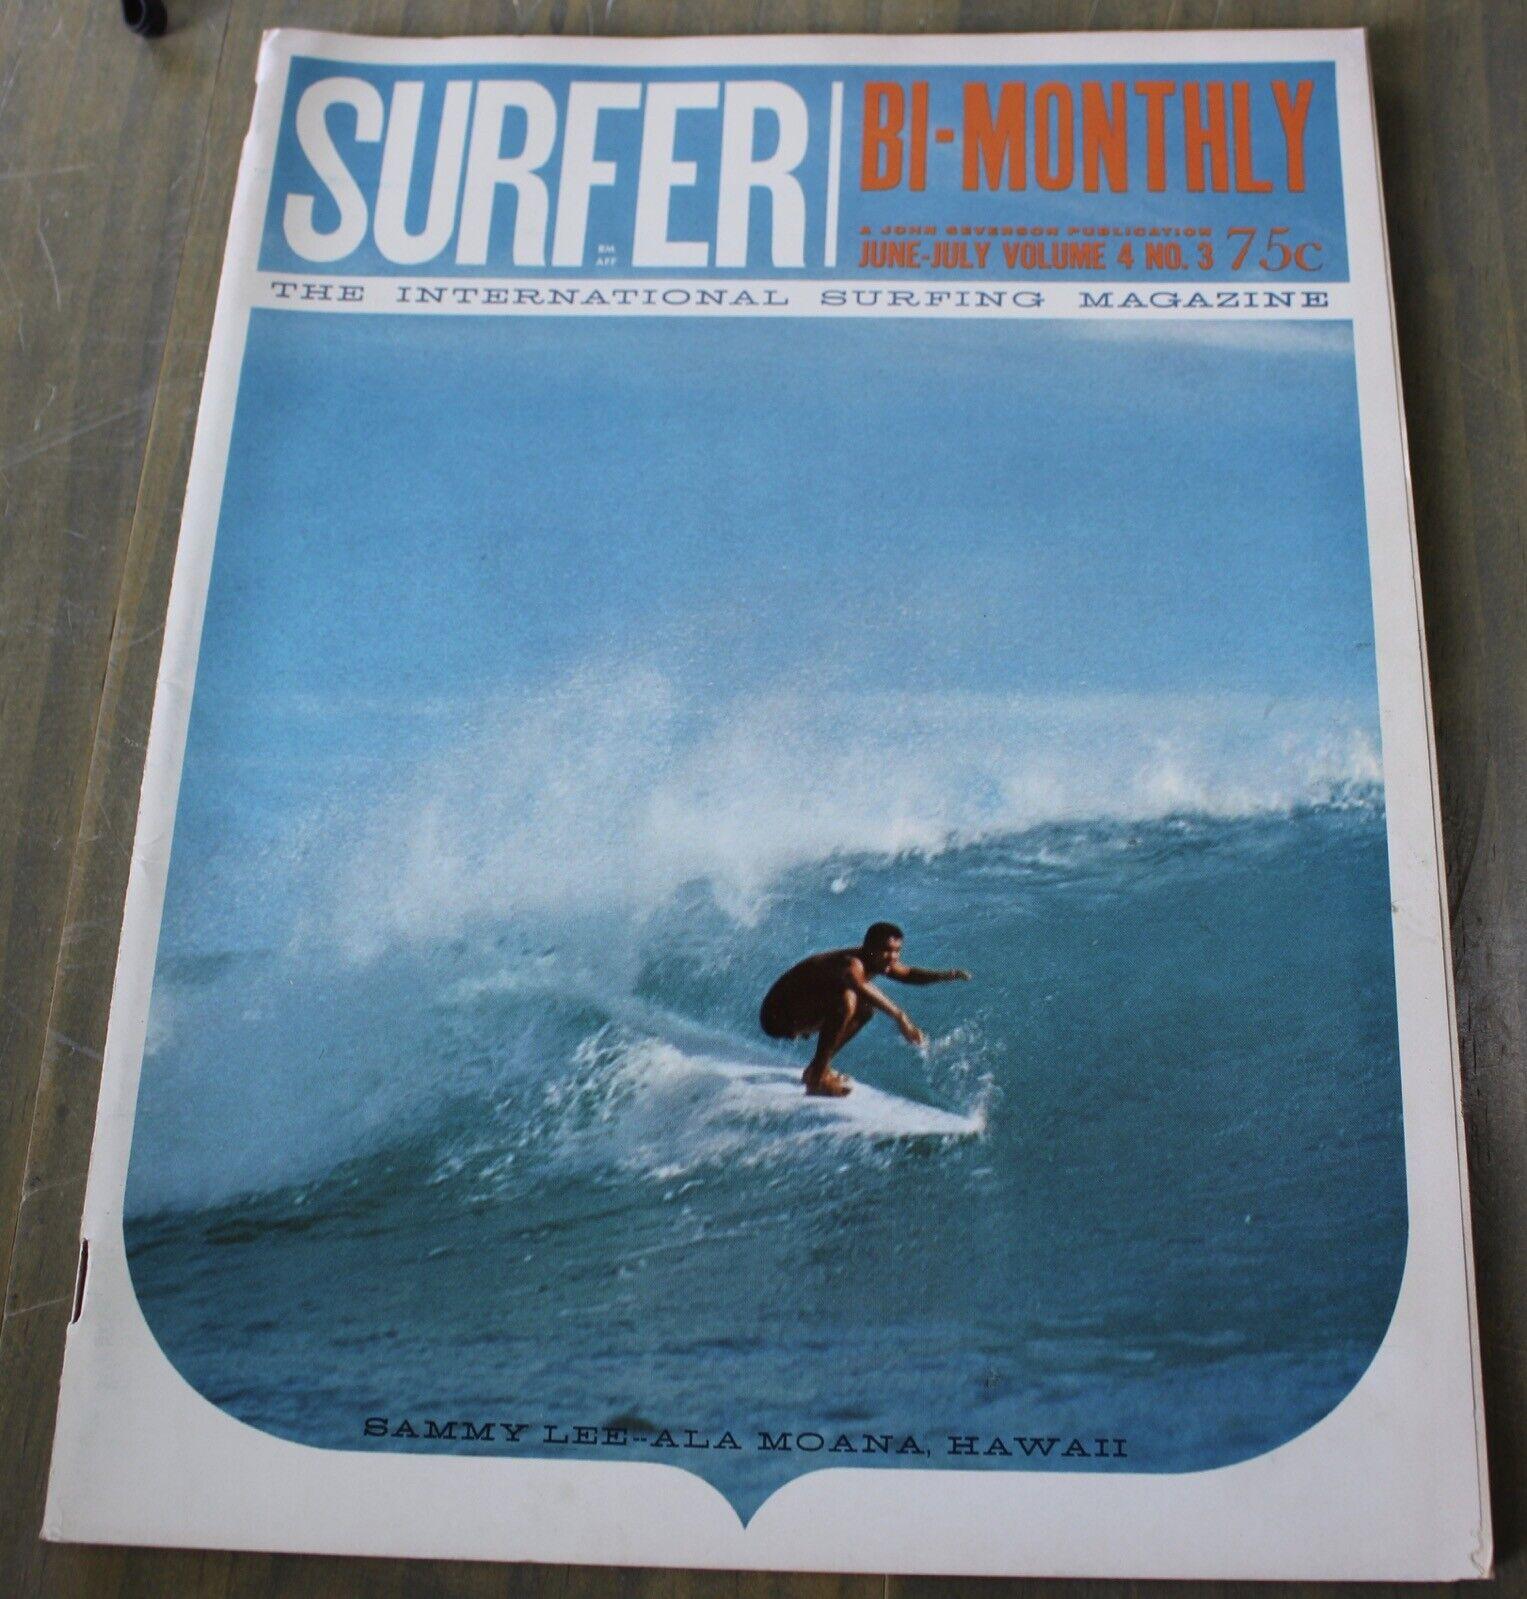 Vintage el surfista bimestralmente Vol. 4 no 3 de junio de 1963 John Severson Surf Magazine